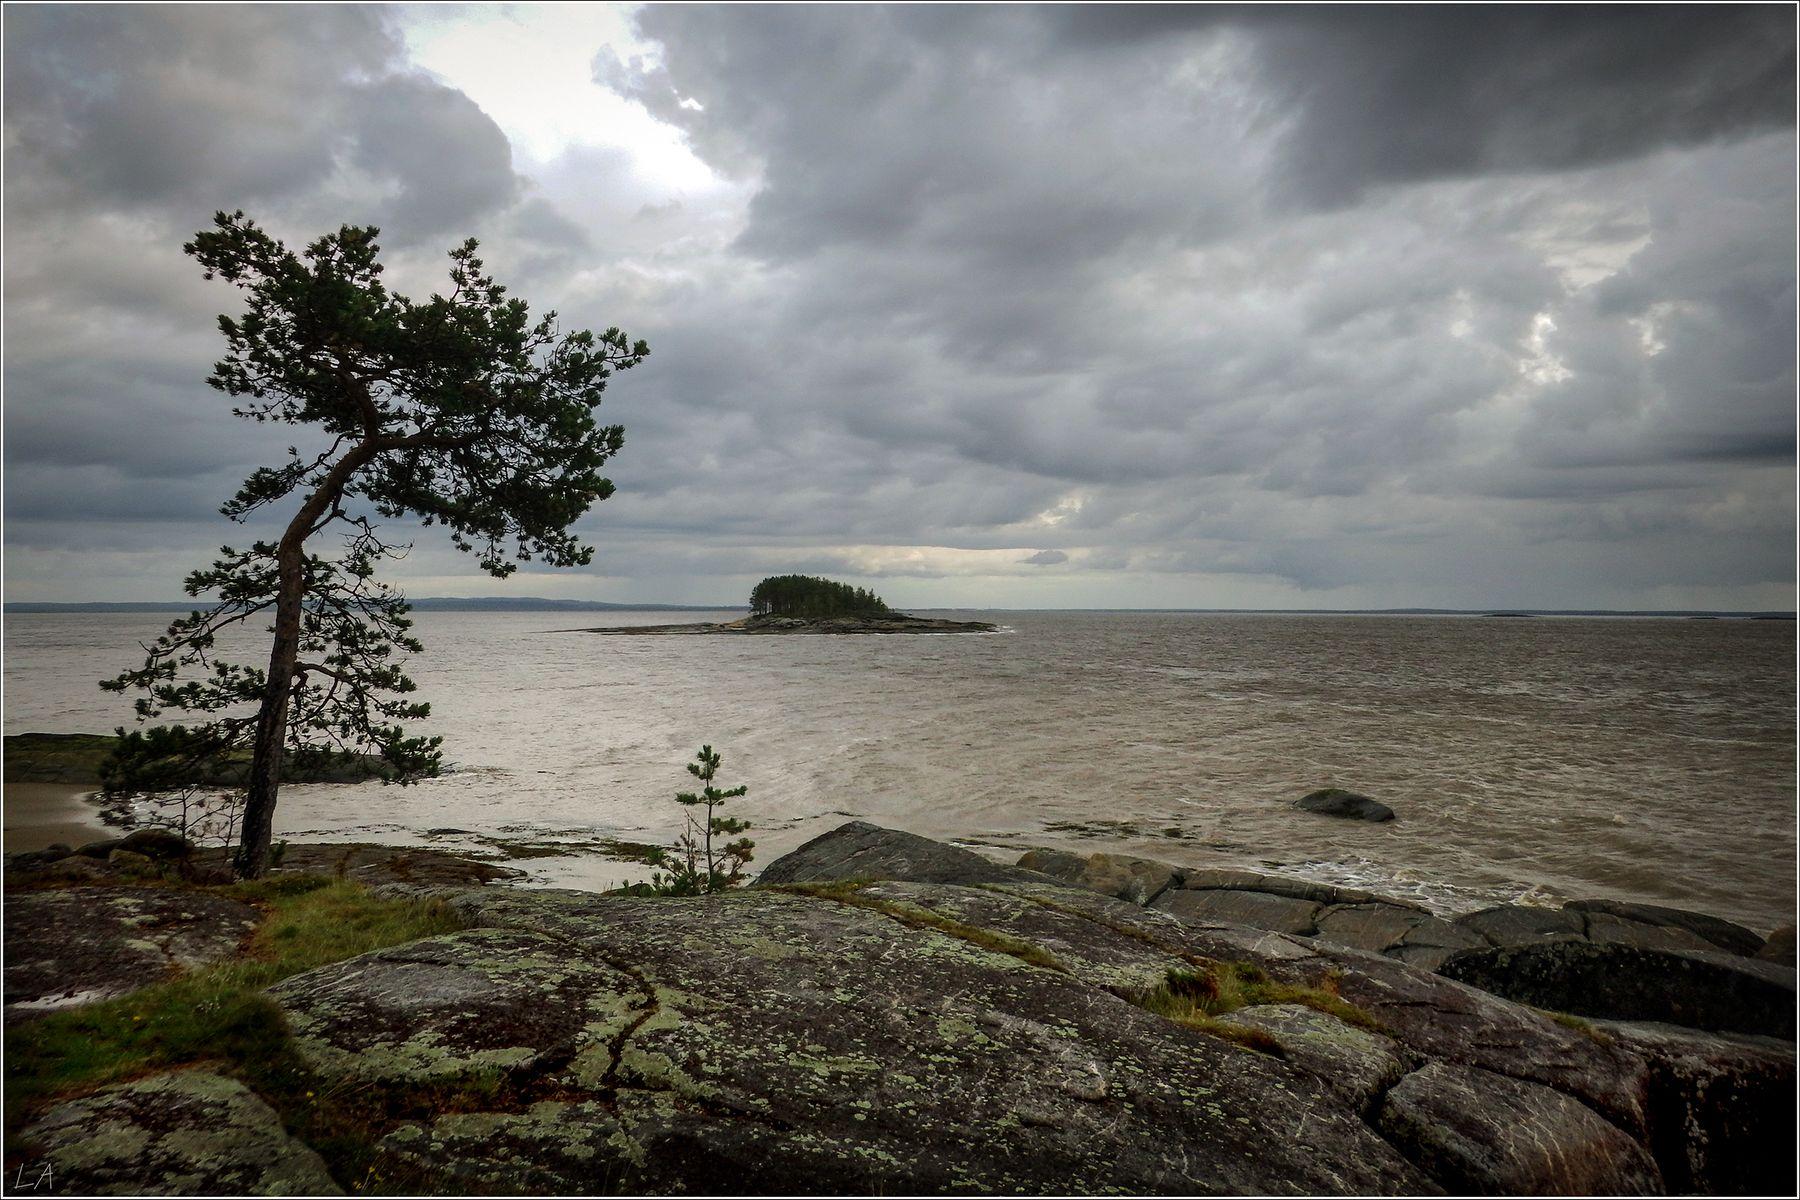 *Кий-остров* (из фотосериала) фотография путешествия Белое море остров Кий лето пейзаж природа Фото.Сайт Светлана Мамакина Lihgra Adventure